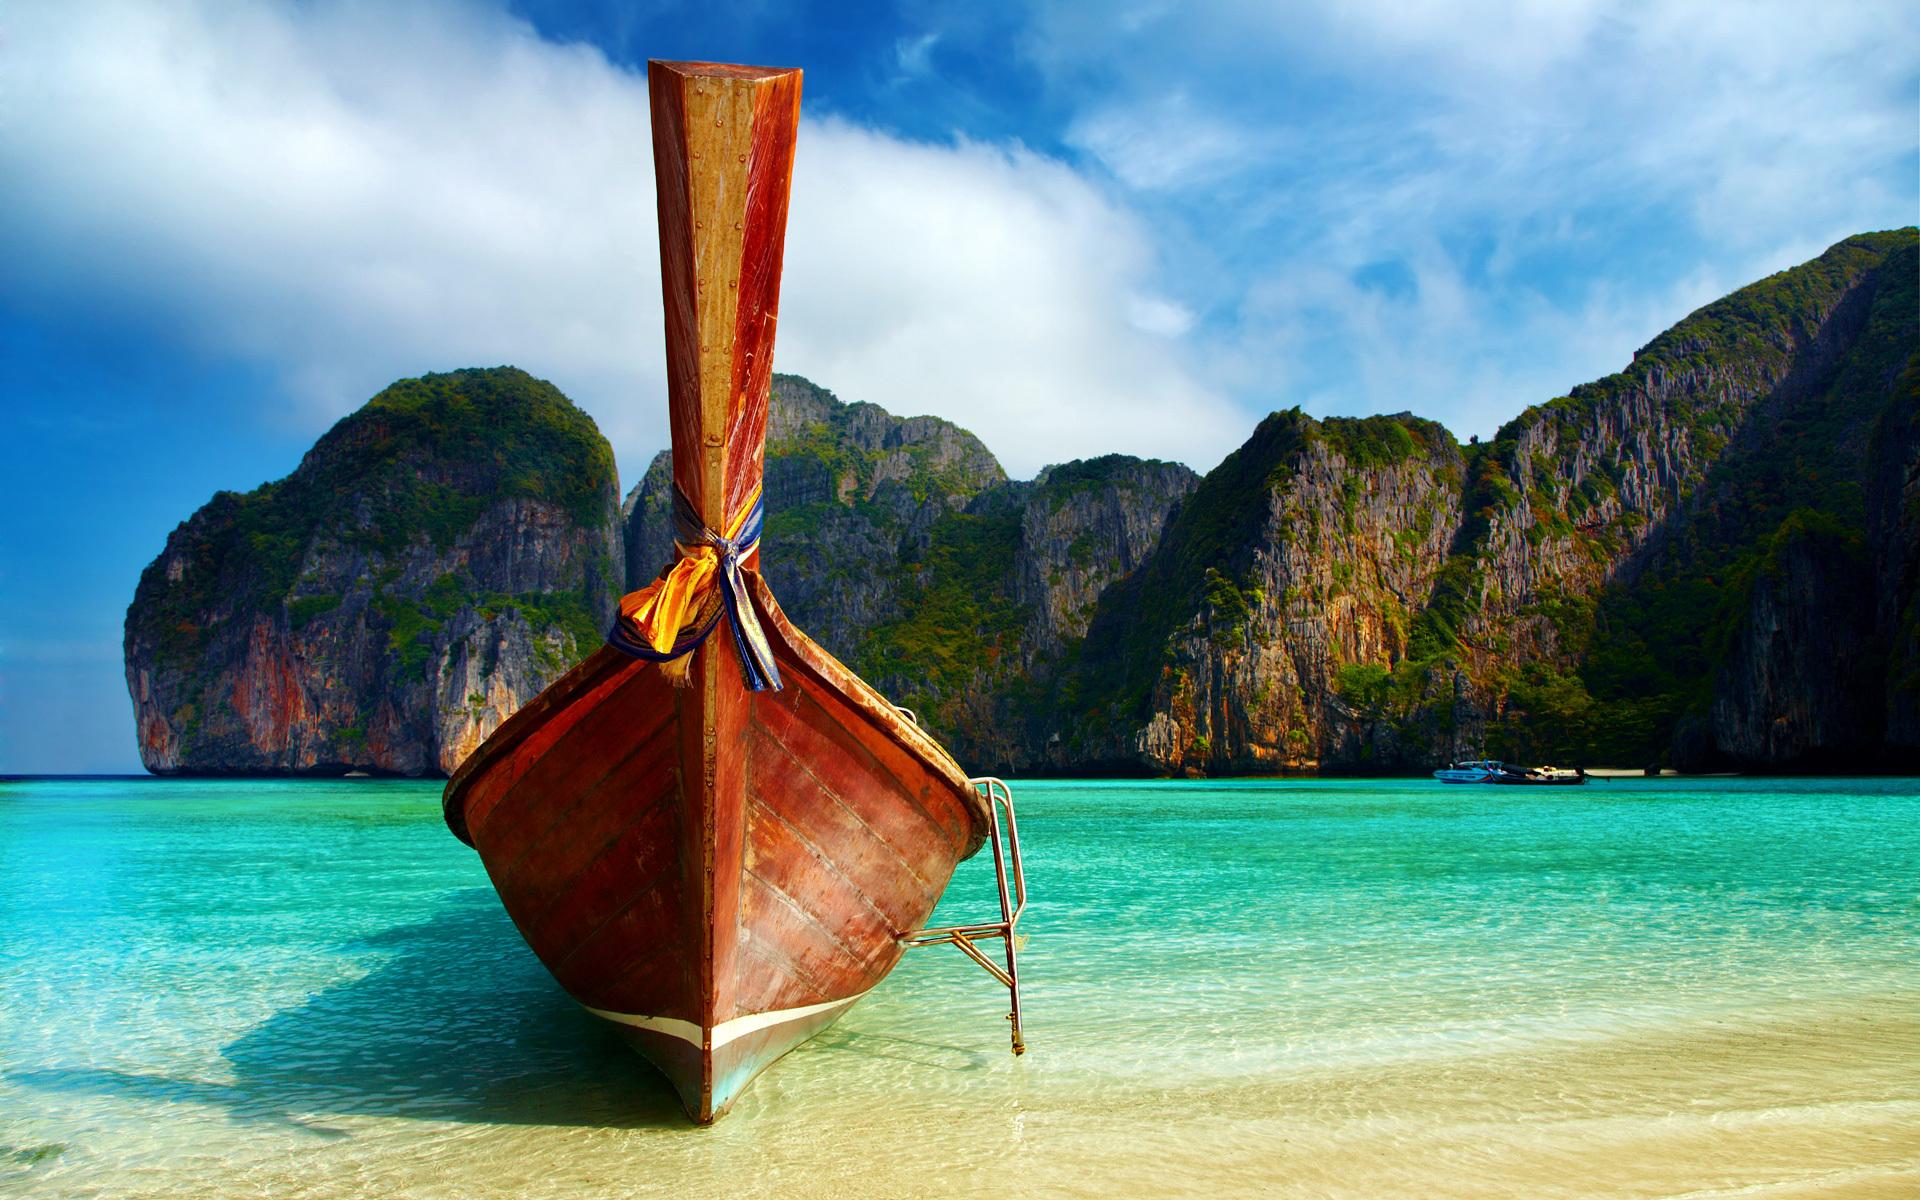 Ταϊλάνδη: Τουρίστας παραλίγο να μπει φυλακή έως και 5 χρόνια για… αρνητική κριτική σε ξενοδοχείο